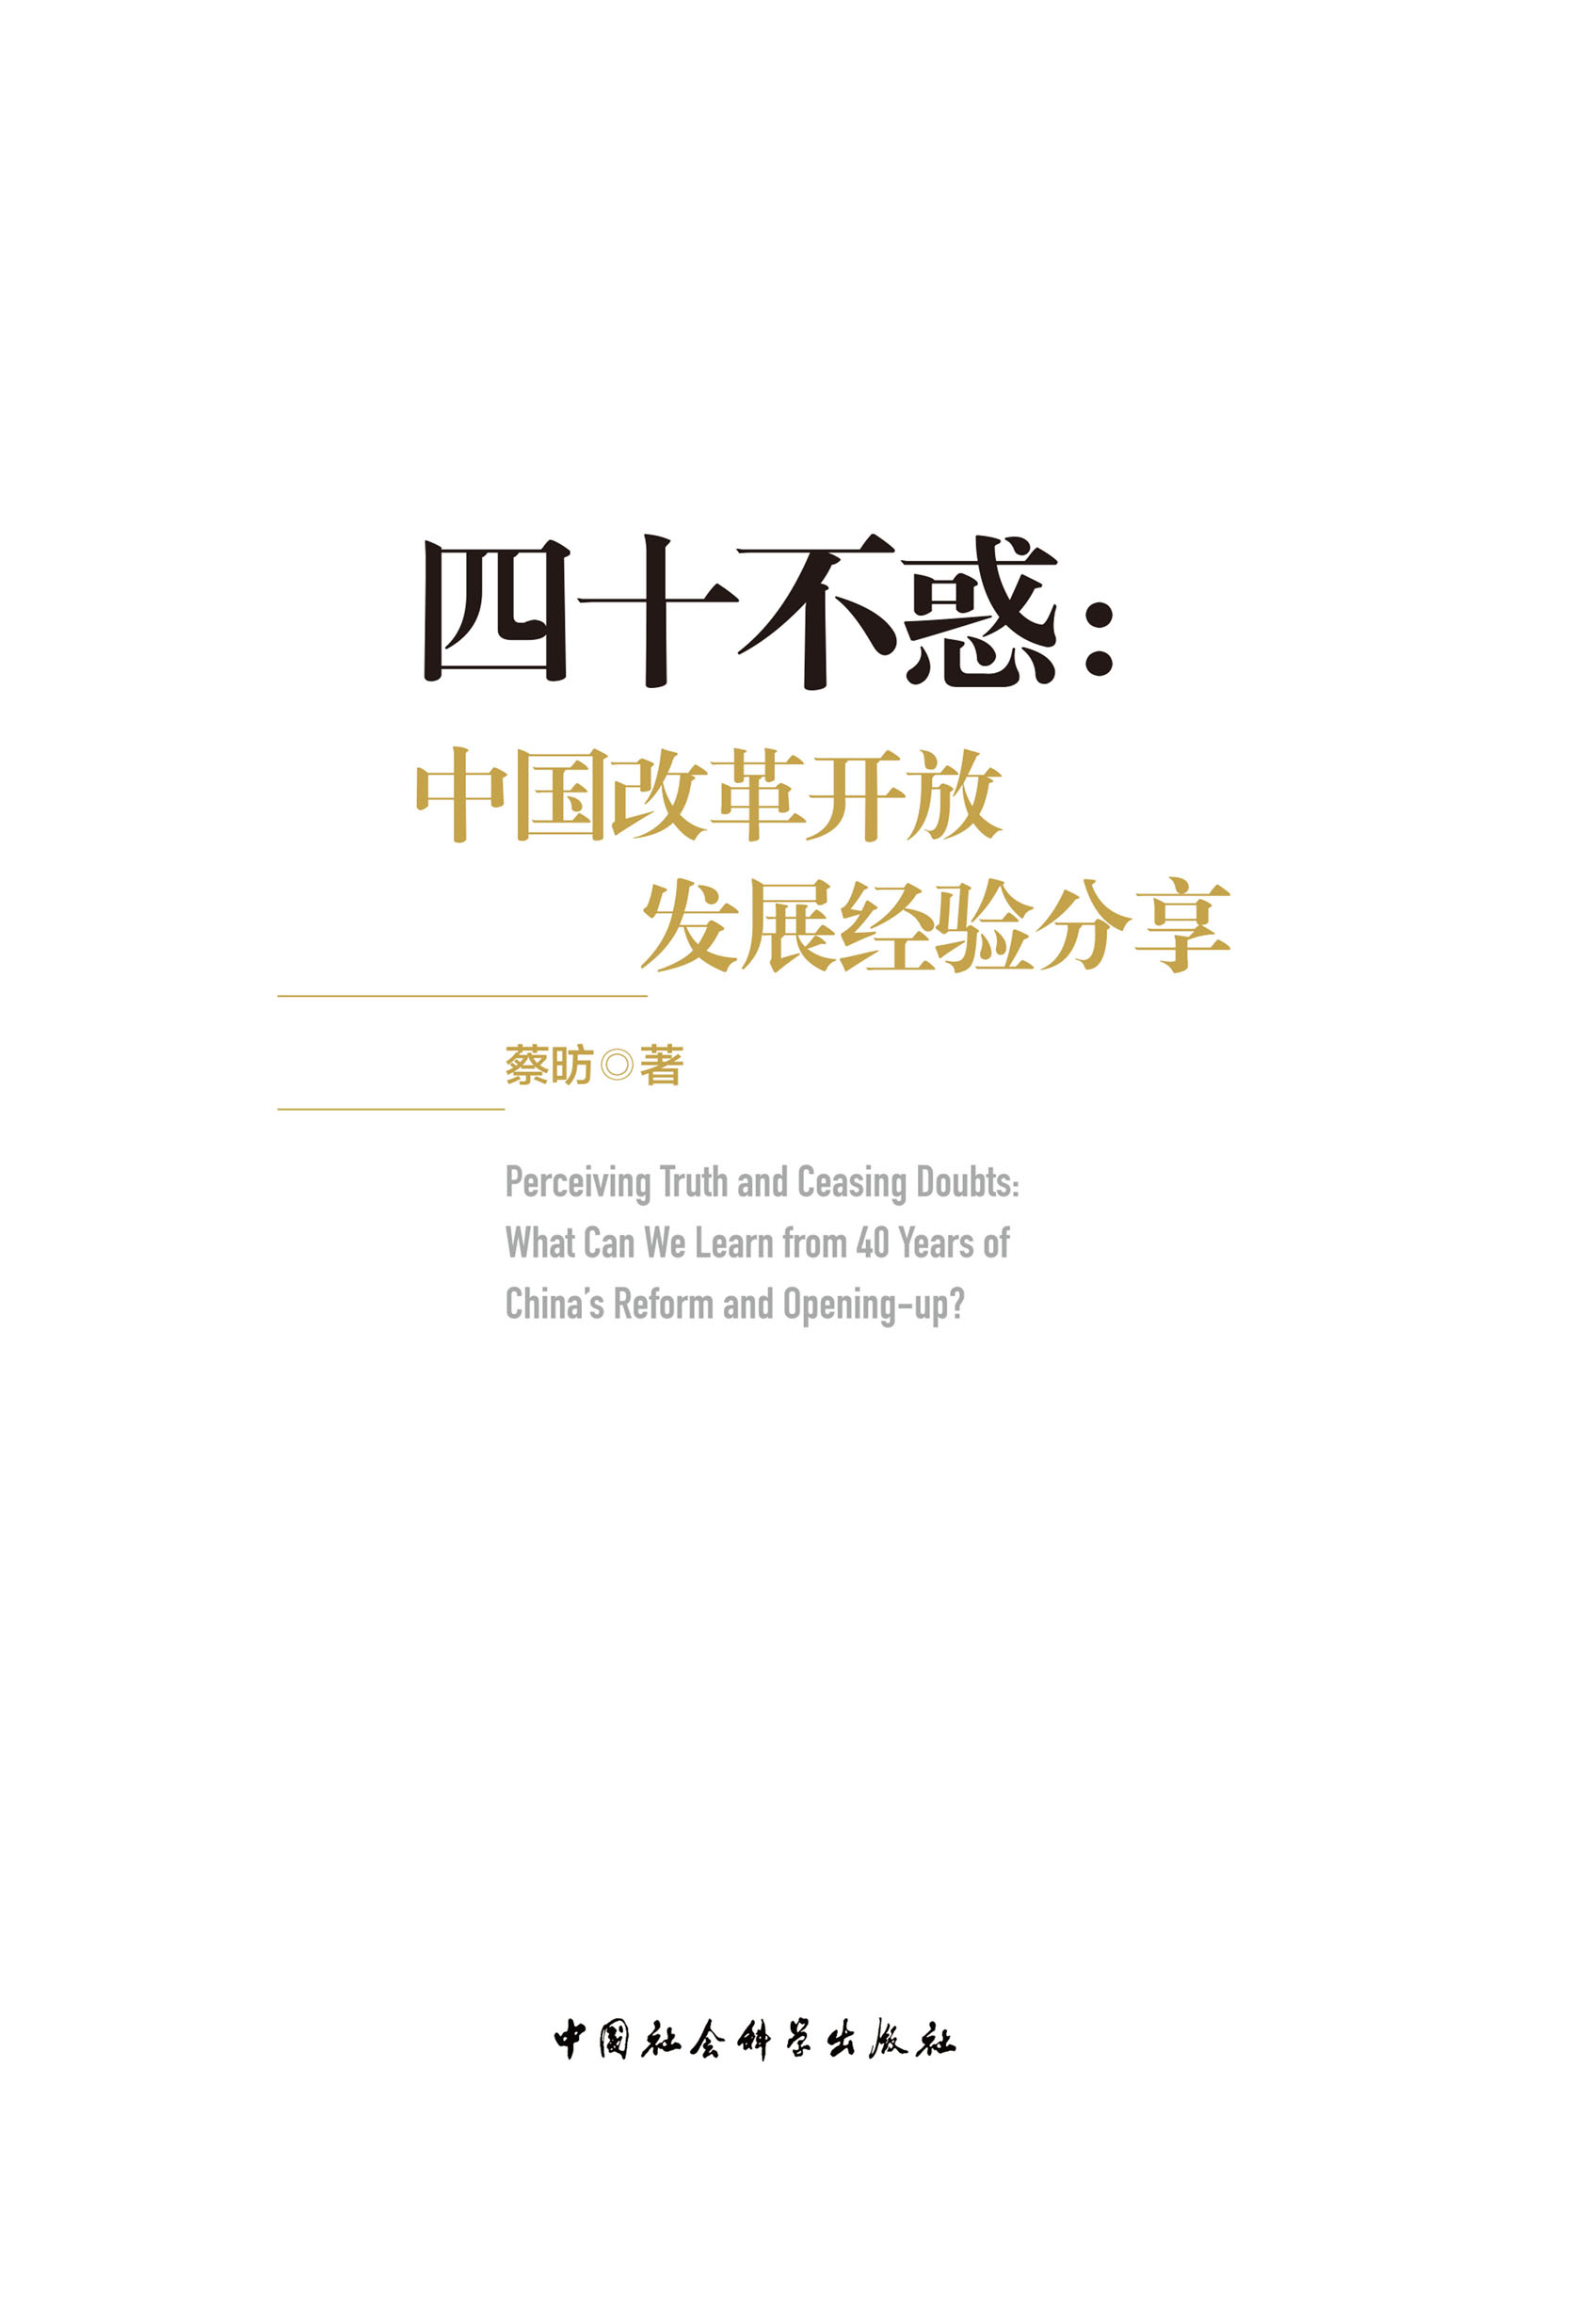 四十不惑时间你:中国改革开放发展经验分享